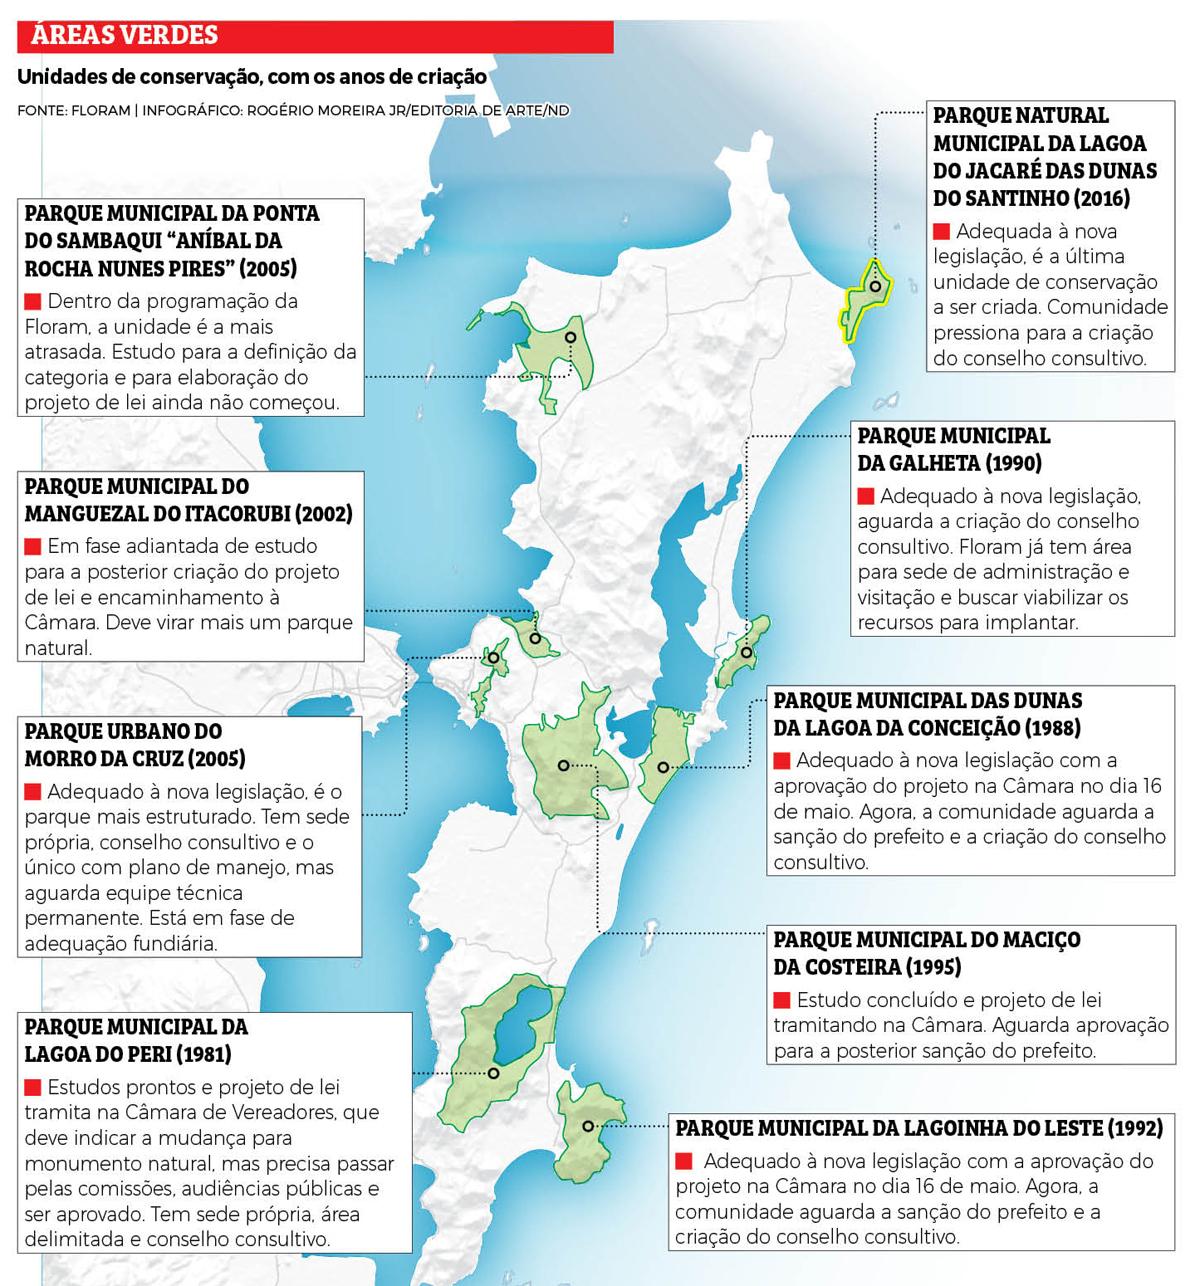 Unidades de conservação, com os anos de criação - Infografia: Rogério Moreira Jr./ND